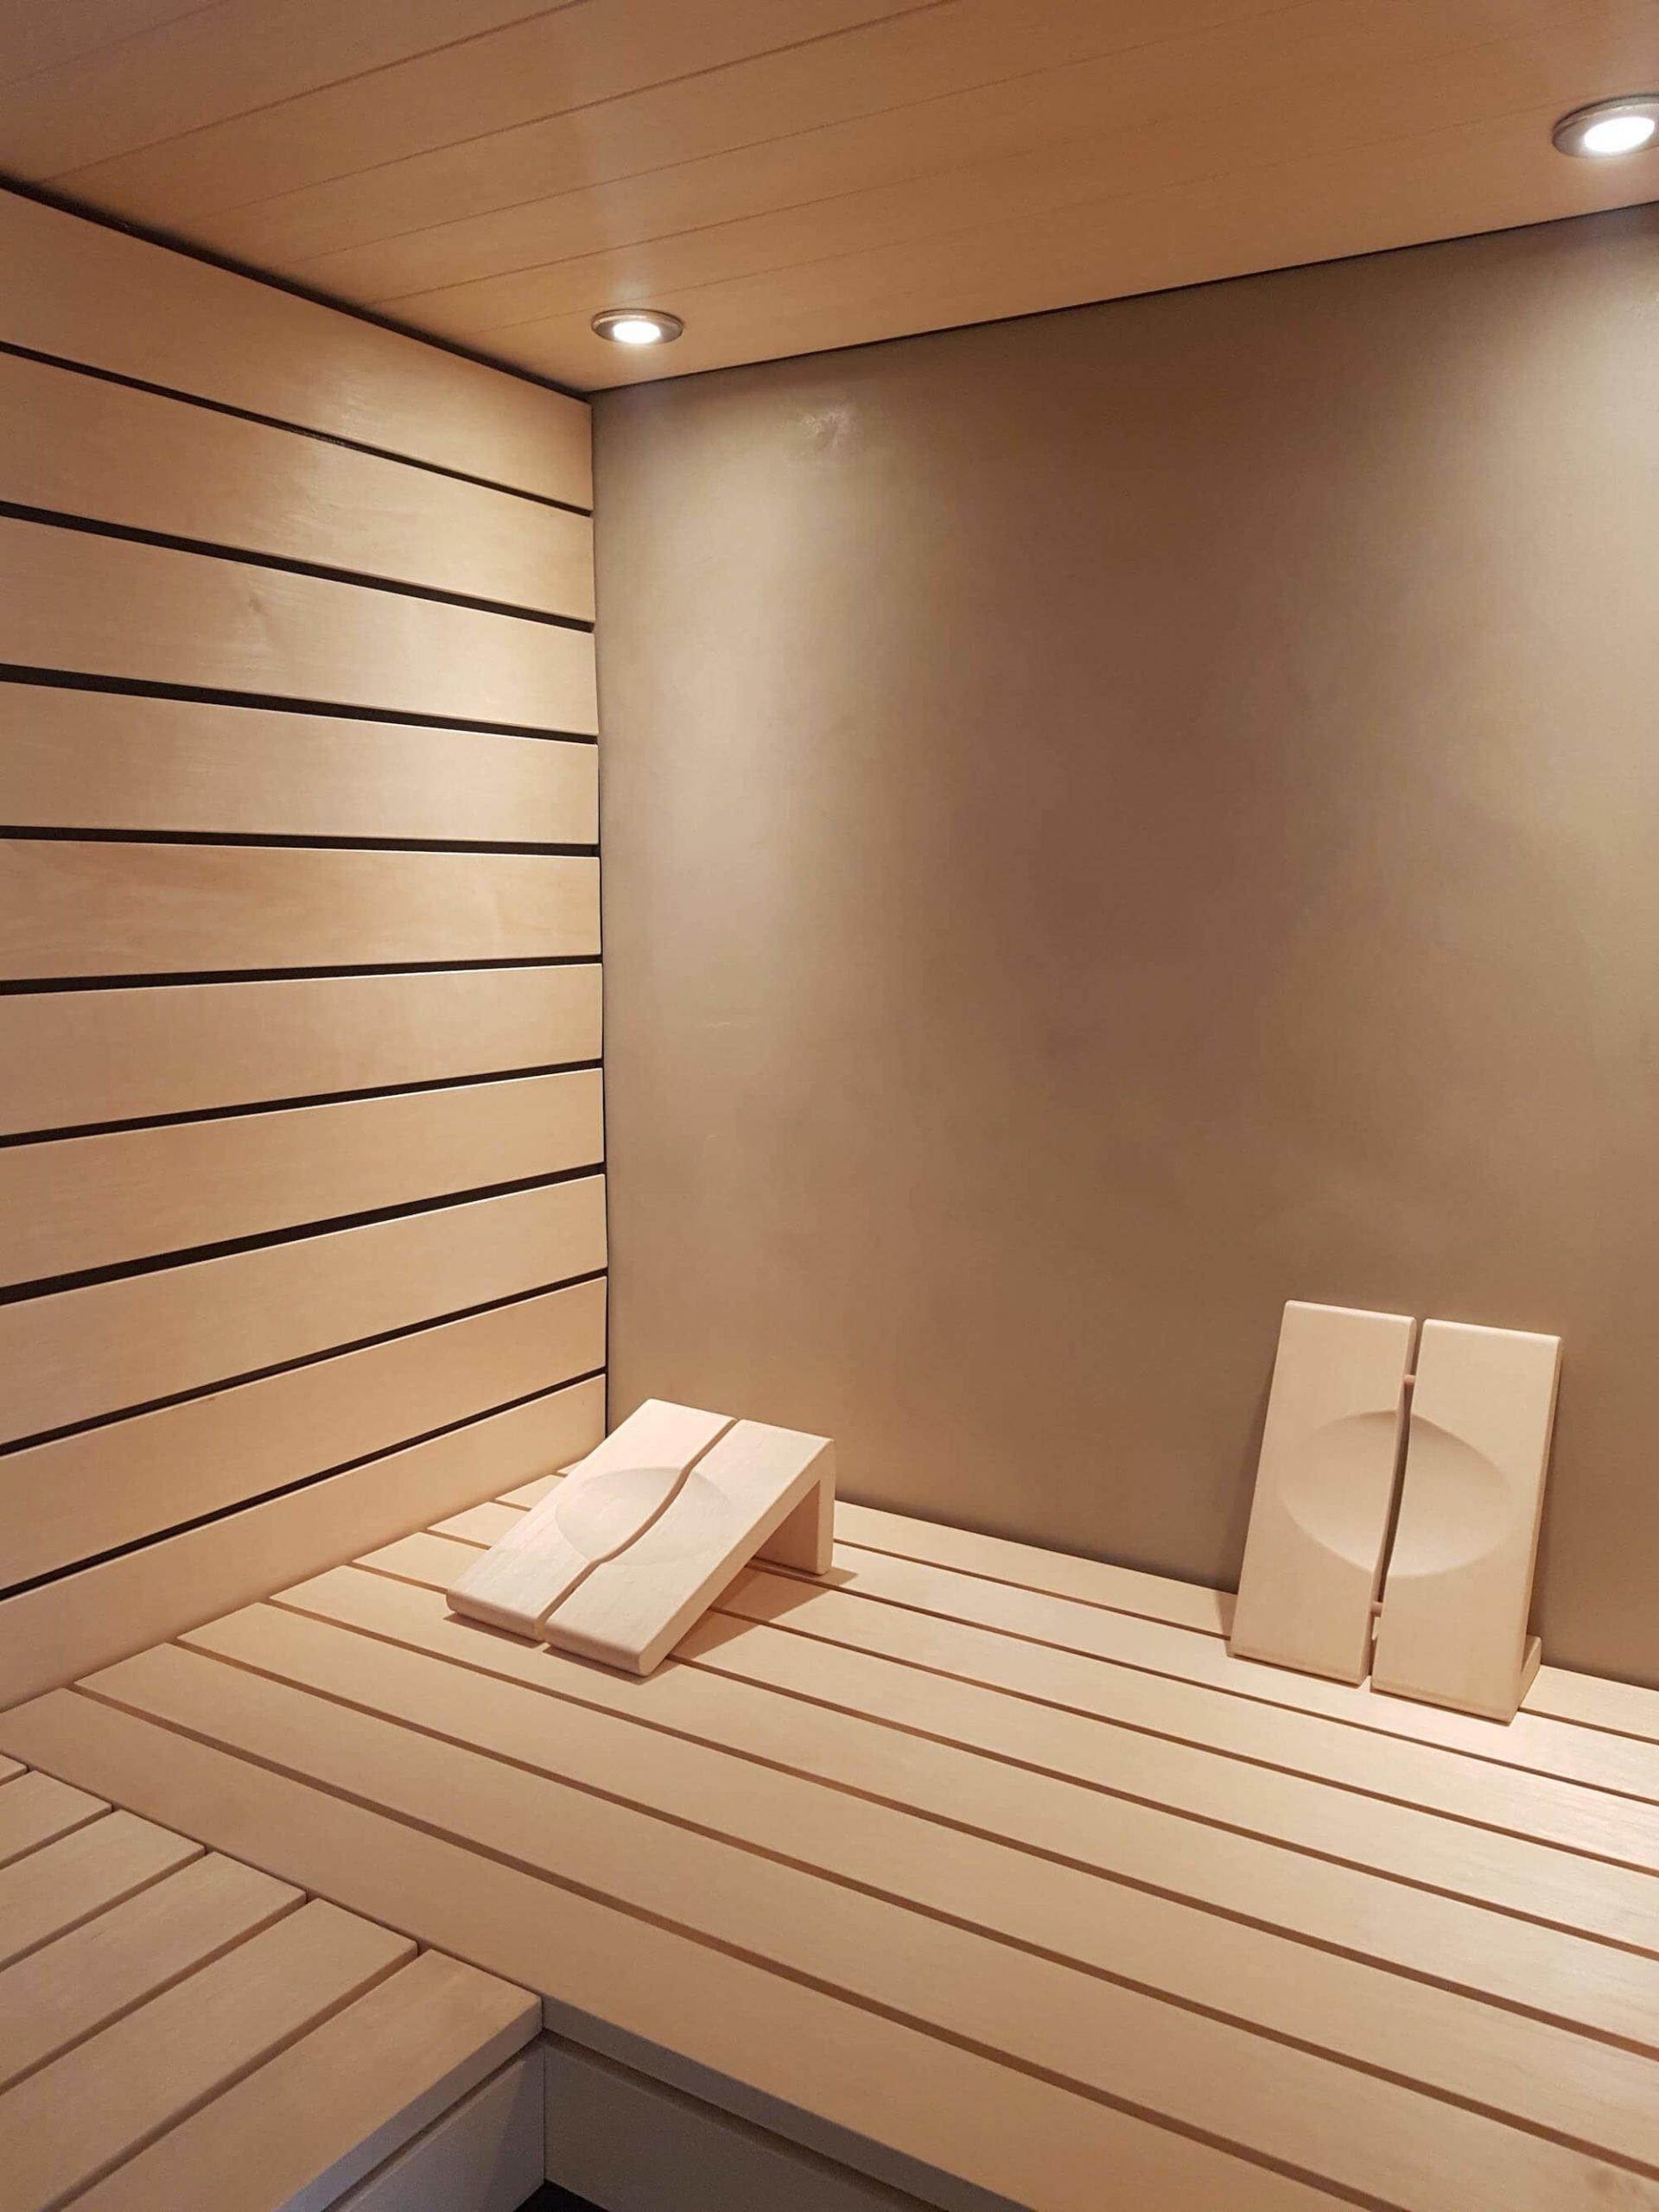 Sauna mit fugenloser Wandbeschichtung durch die Viktor Wyss AG in Flumenthal, Solothurn